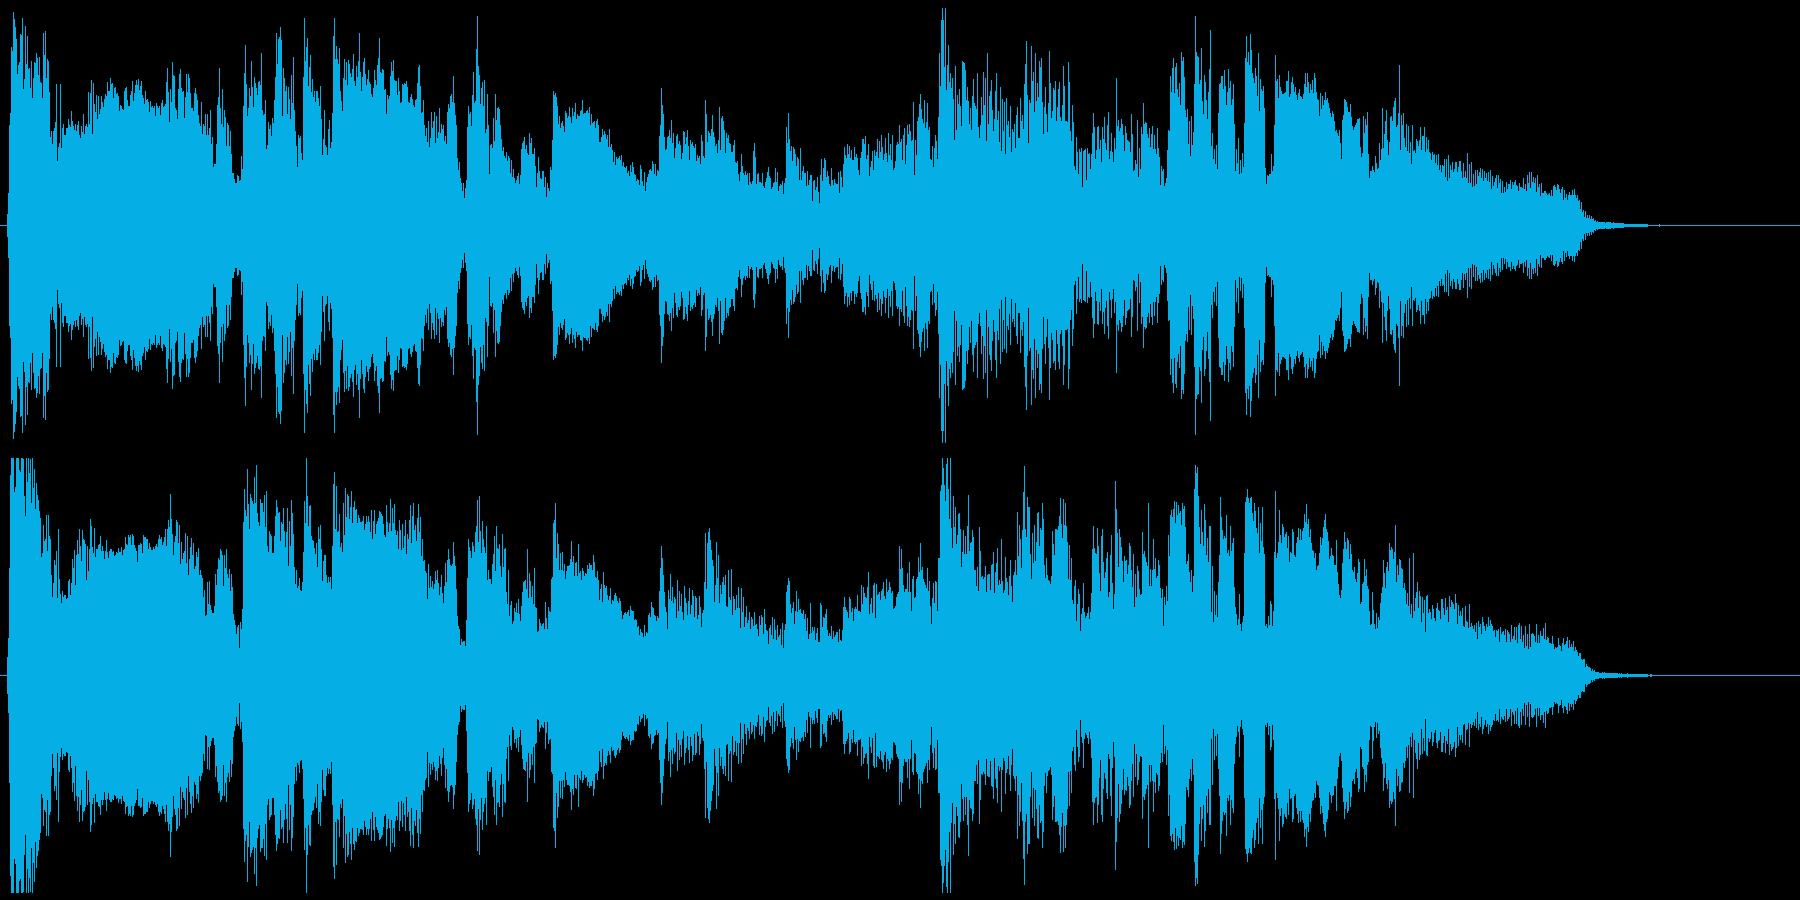 ムードある15秒CM向けサックスバラードの再生済みの波形